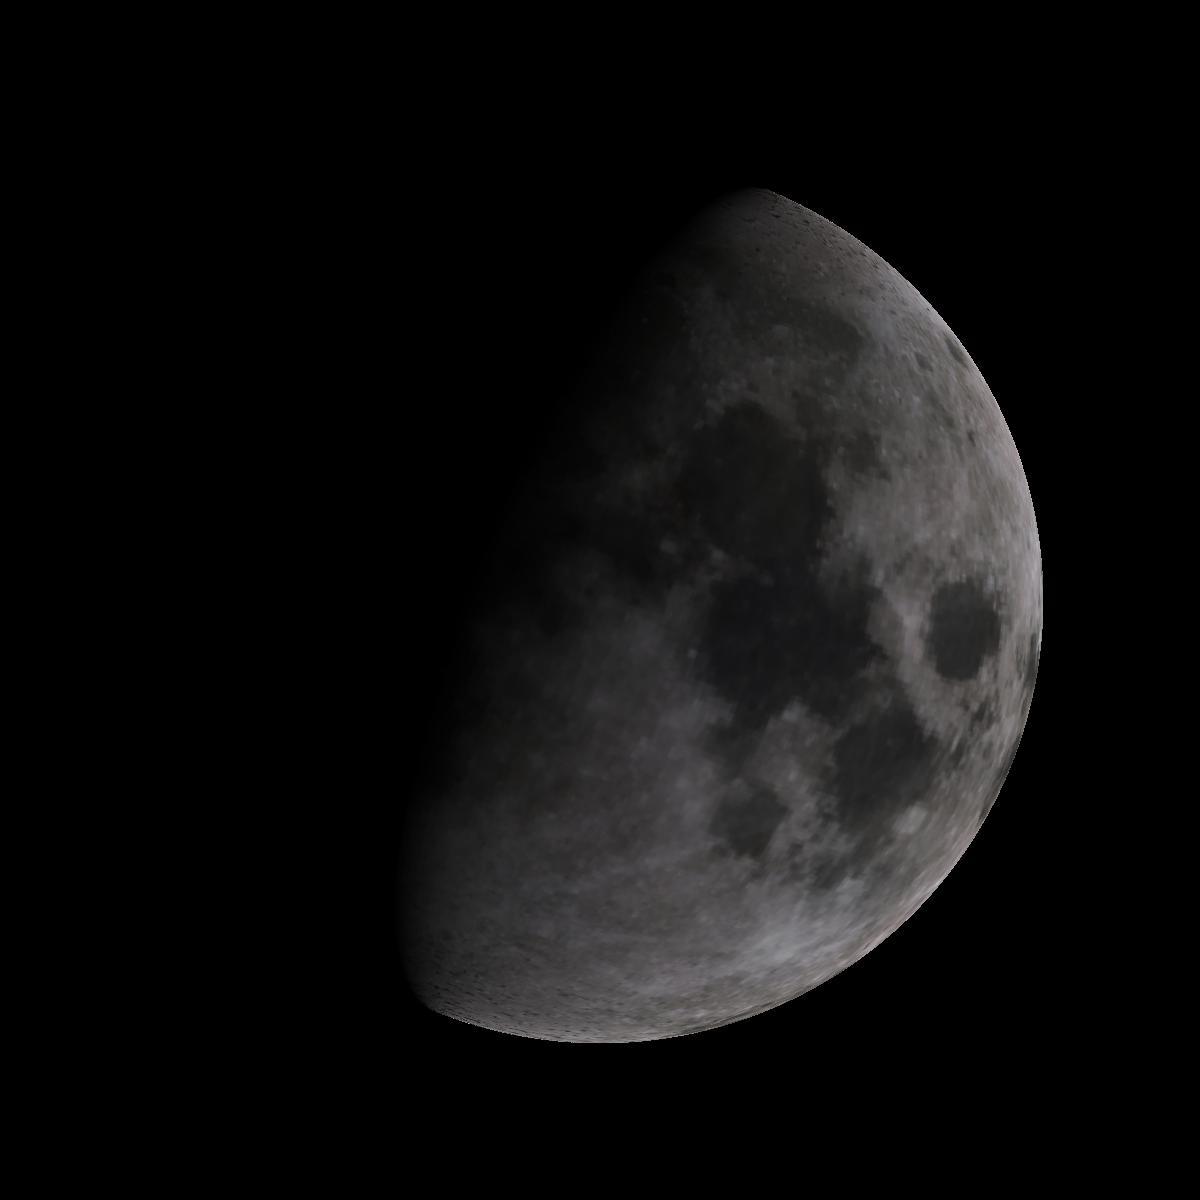 Lune du 6 novembre 2019